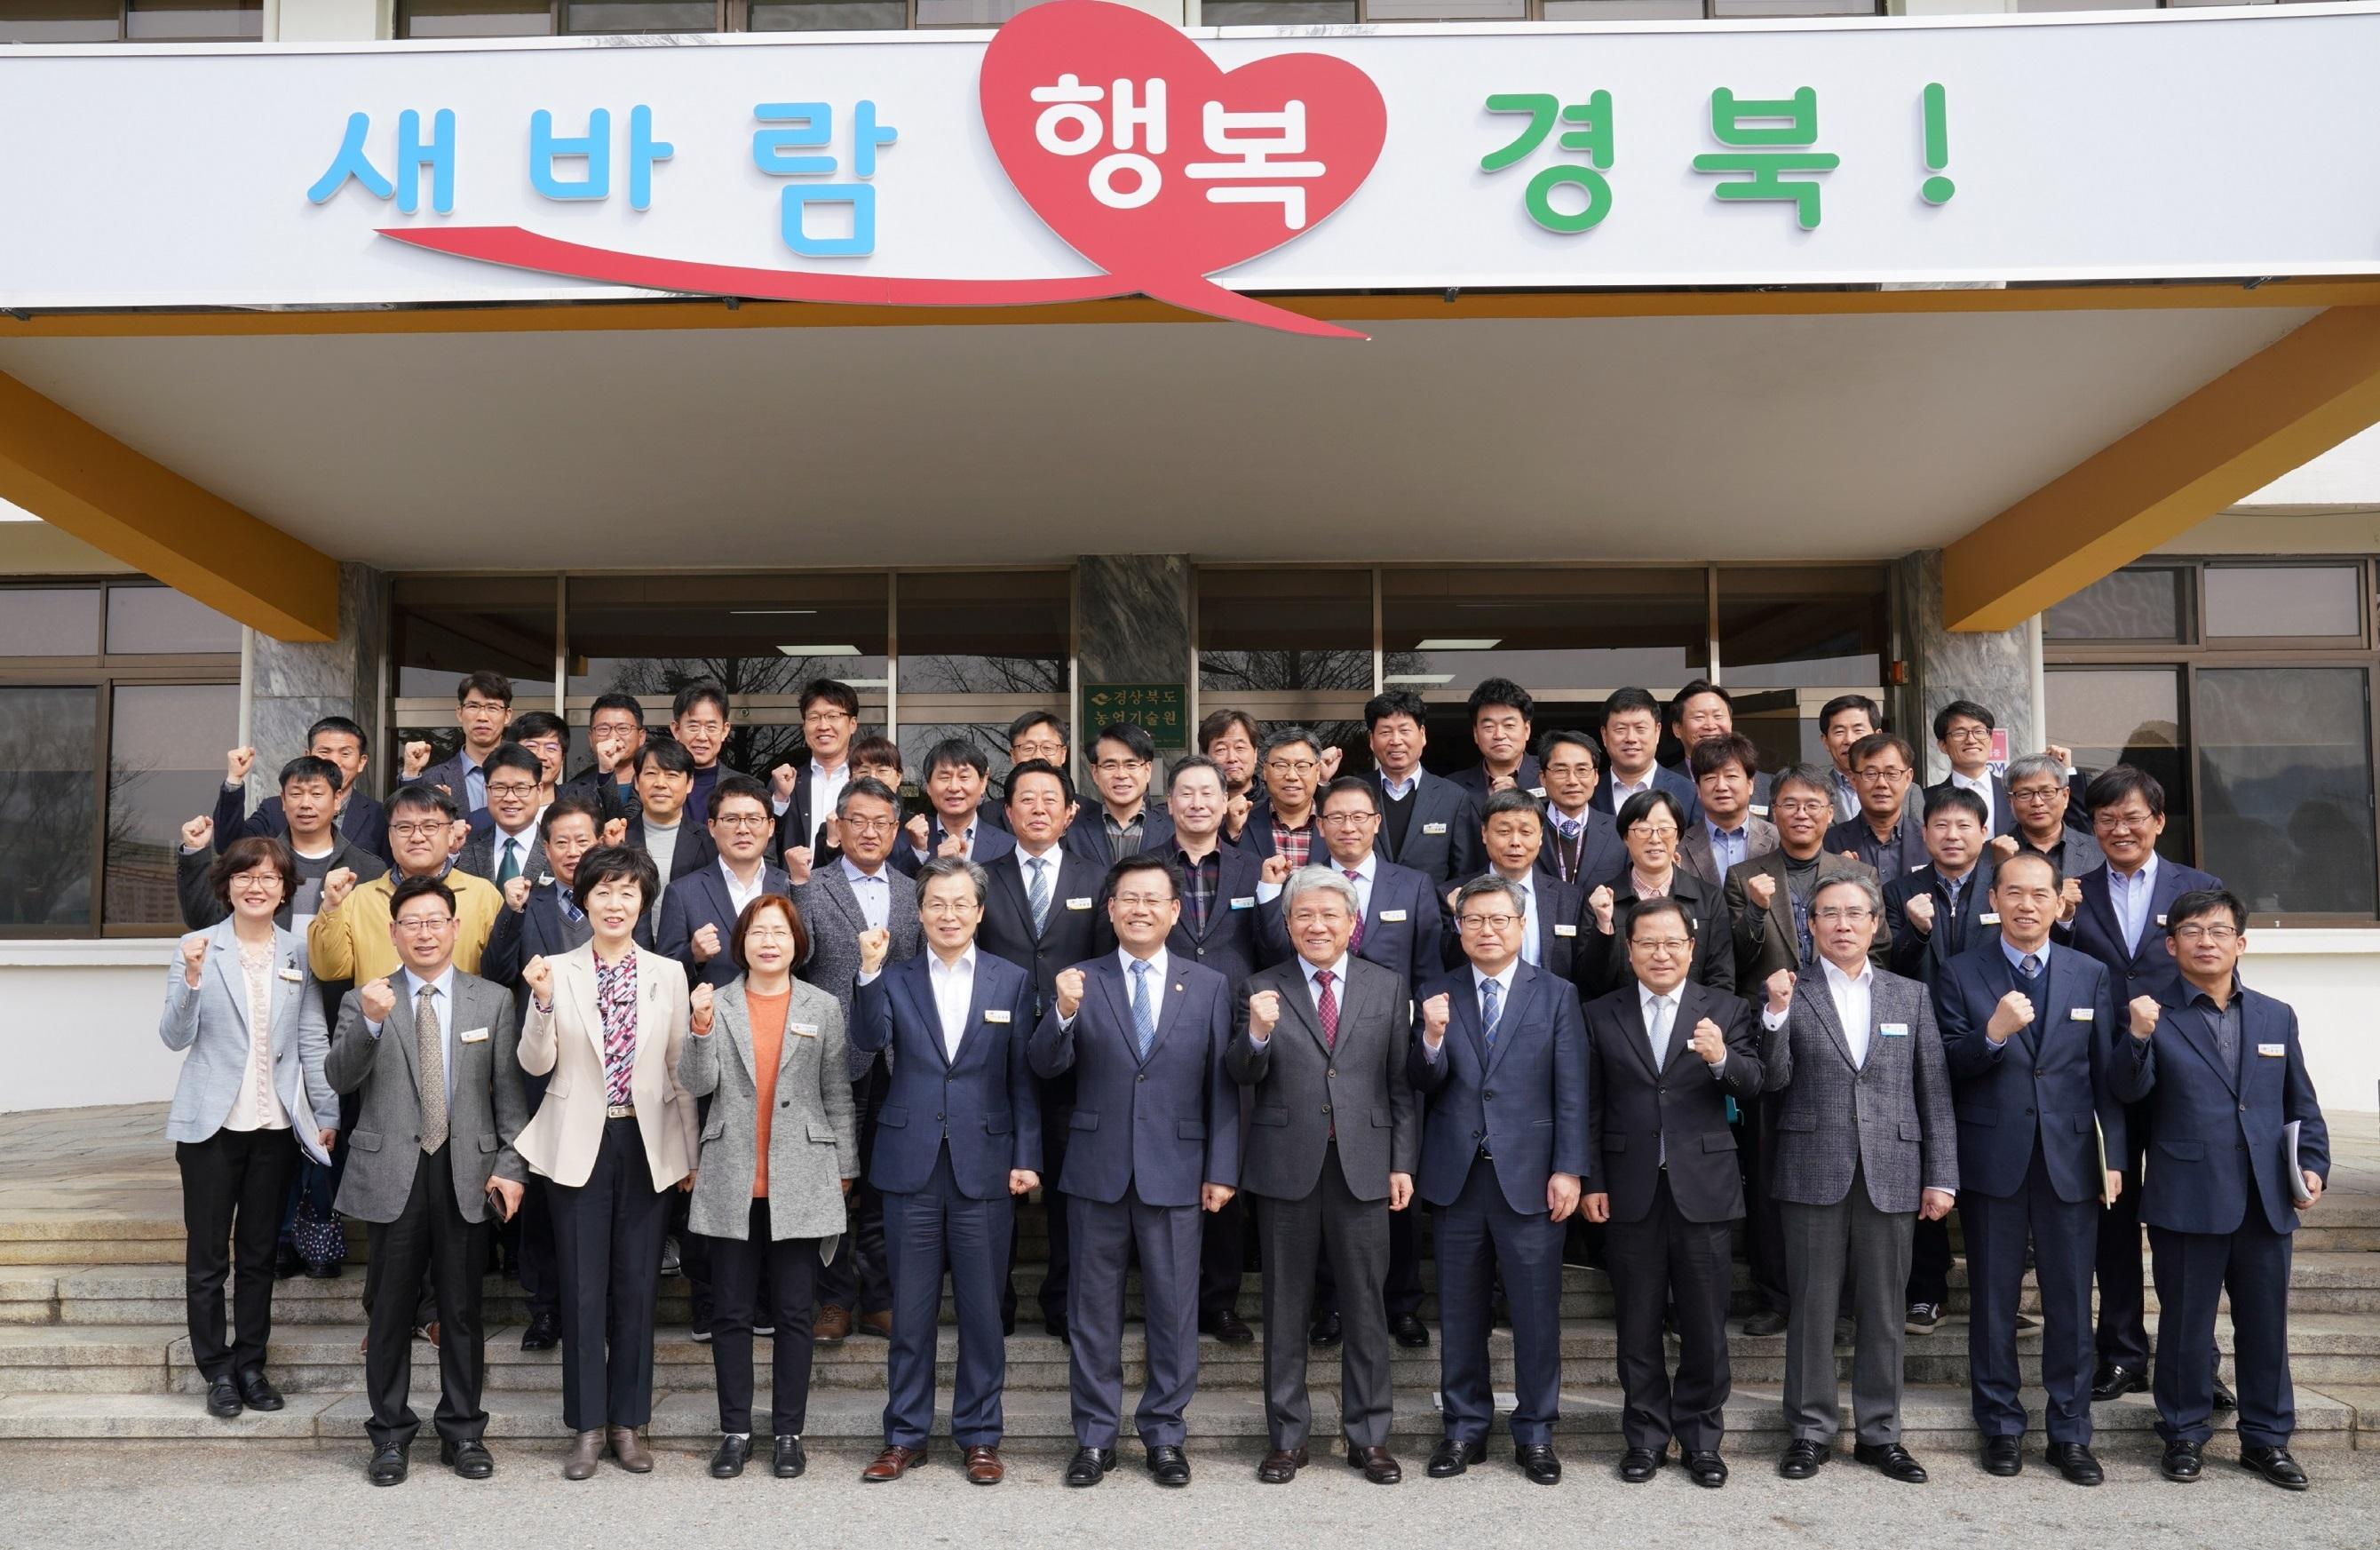 김경규 농촌진흥청장, 경북 찾아 농업현장의 목소리 청취